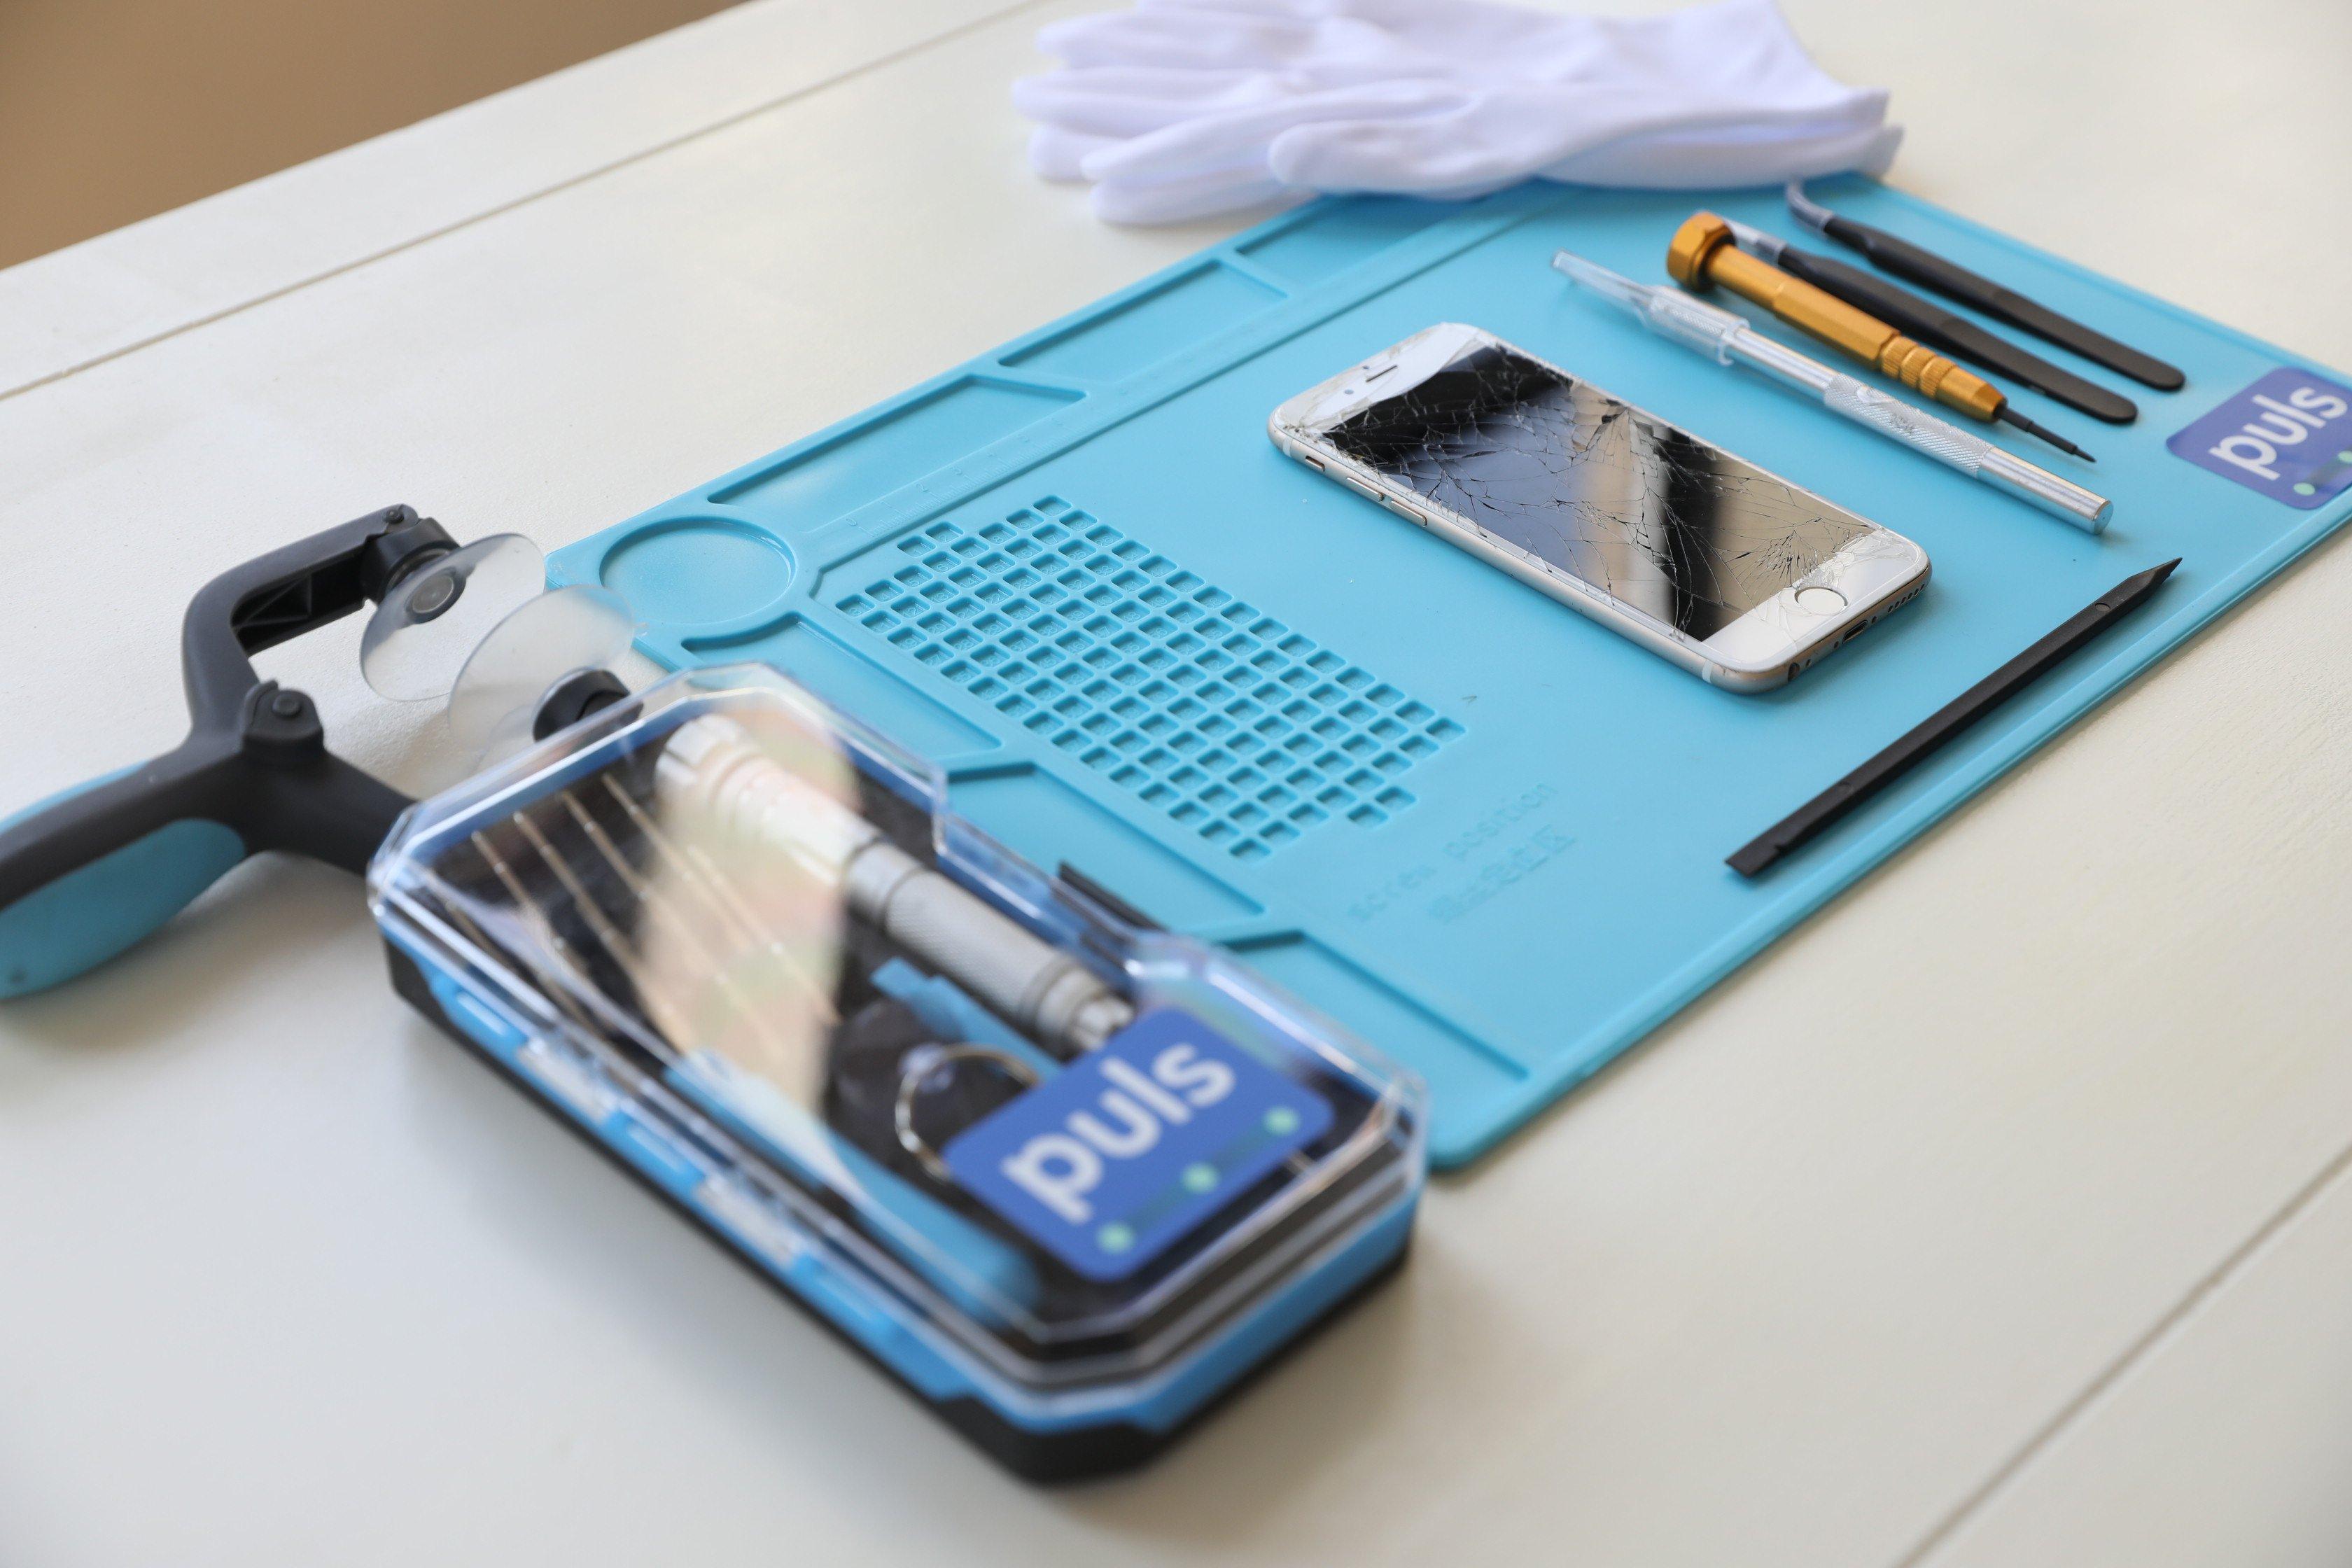 Puls iPhone 7 repair